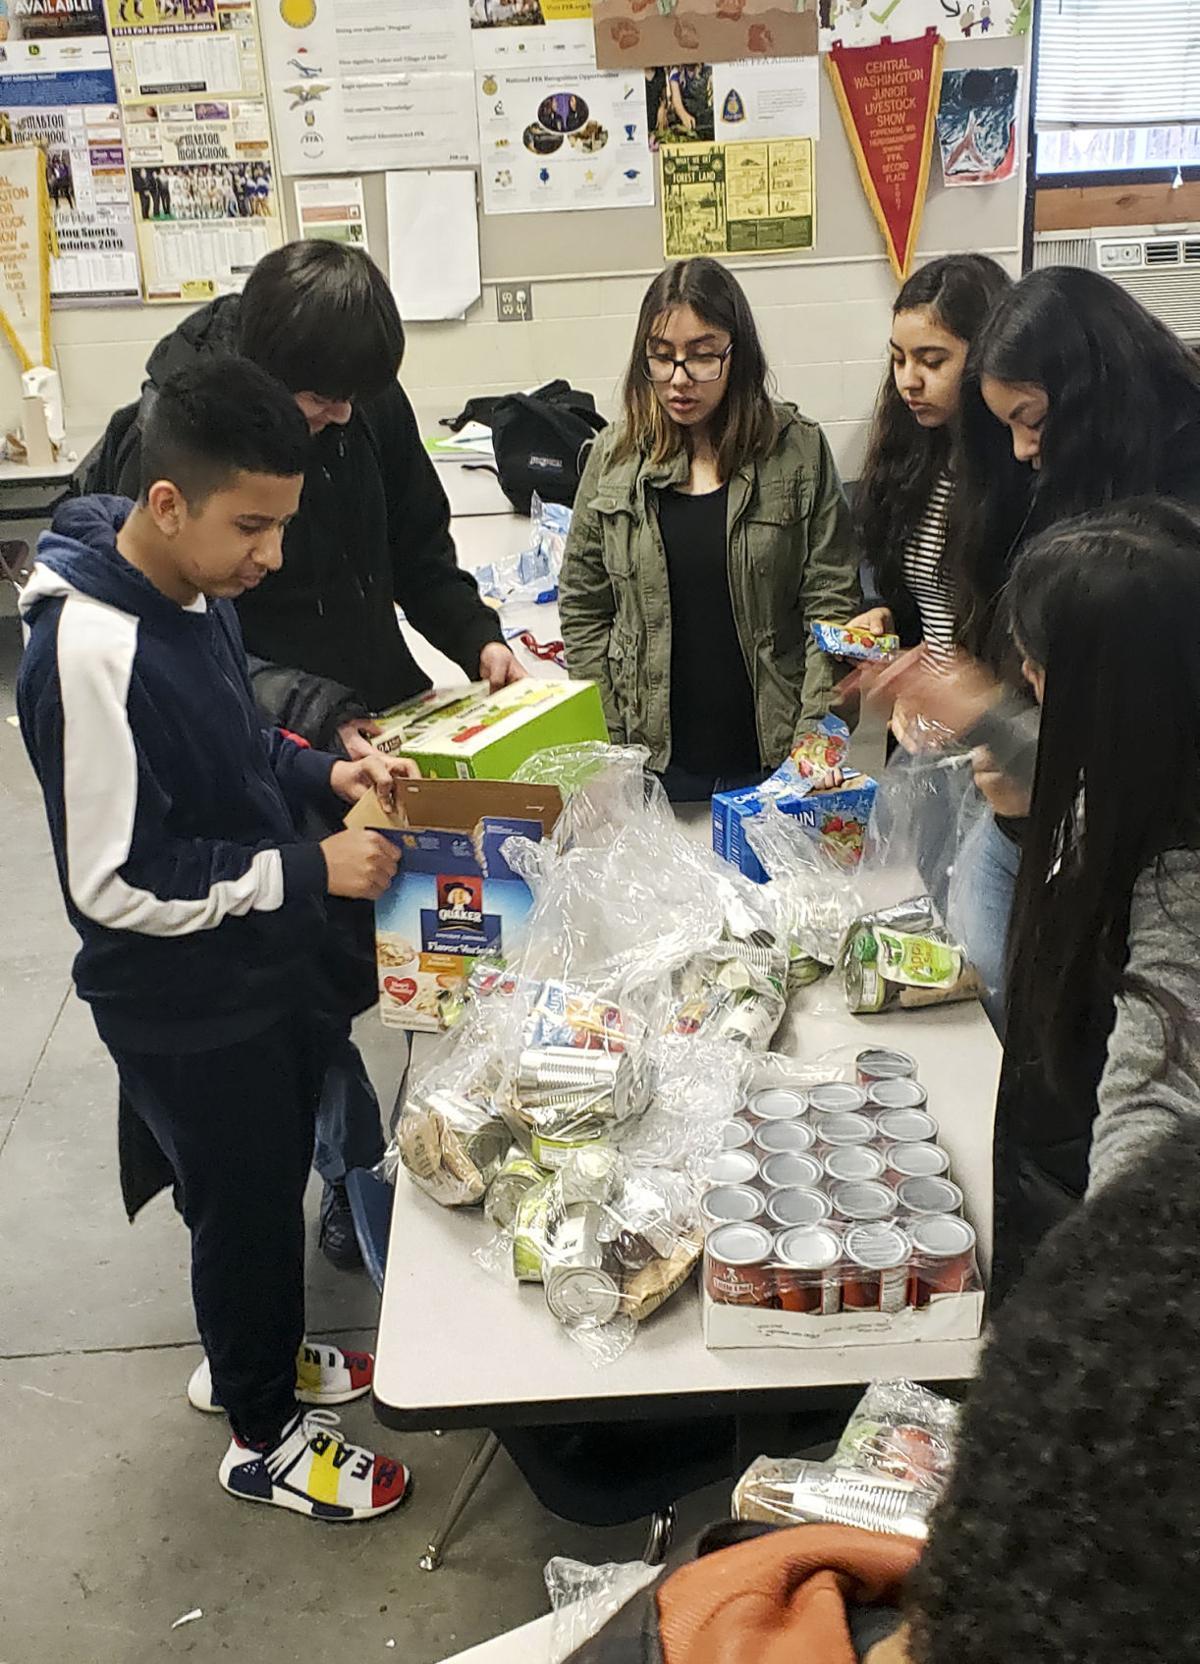 Keeping kids fed during spring break